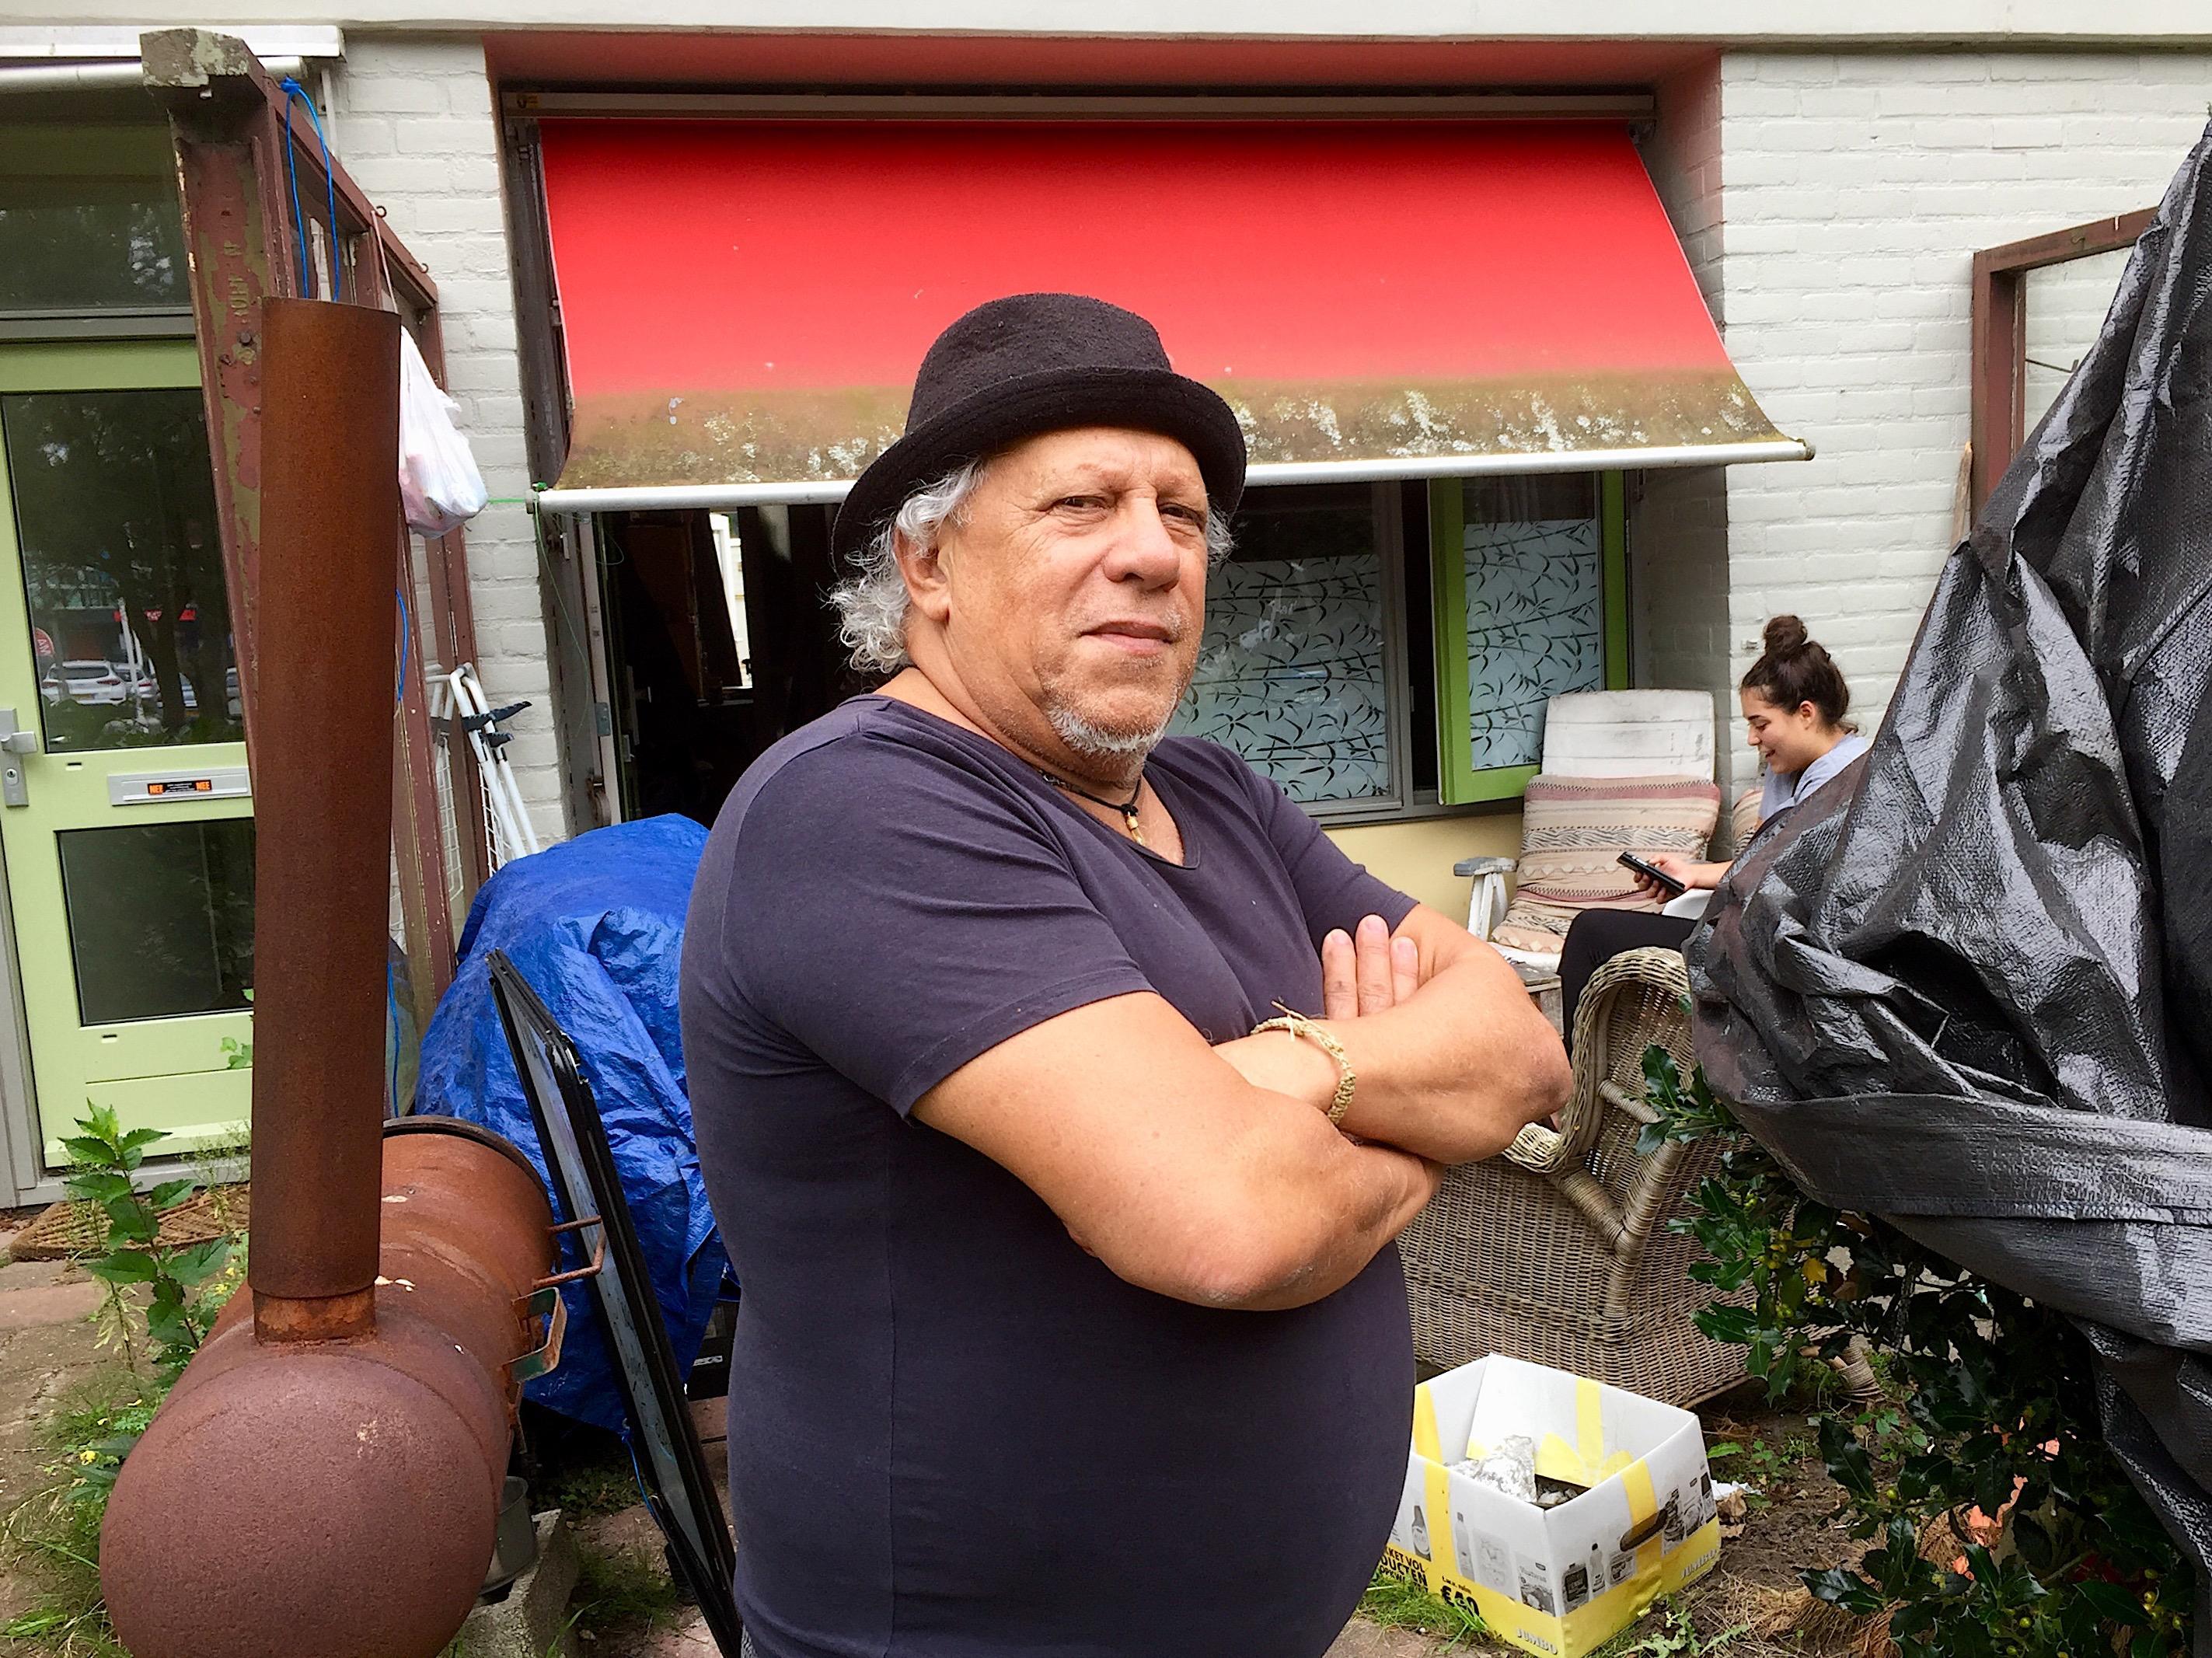 Onderweg: Nery Zucotti dos Santos (71) moest in 1973 uit Uruguay vluchten. In Alkmaar is hij een 'echte kaaskop' geworden